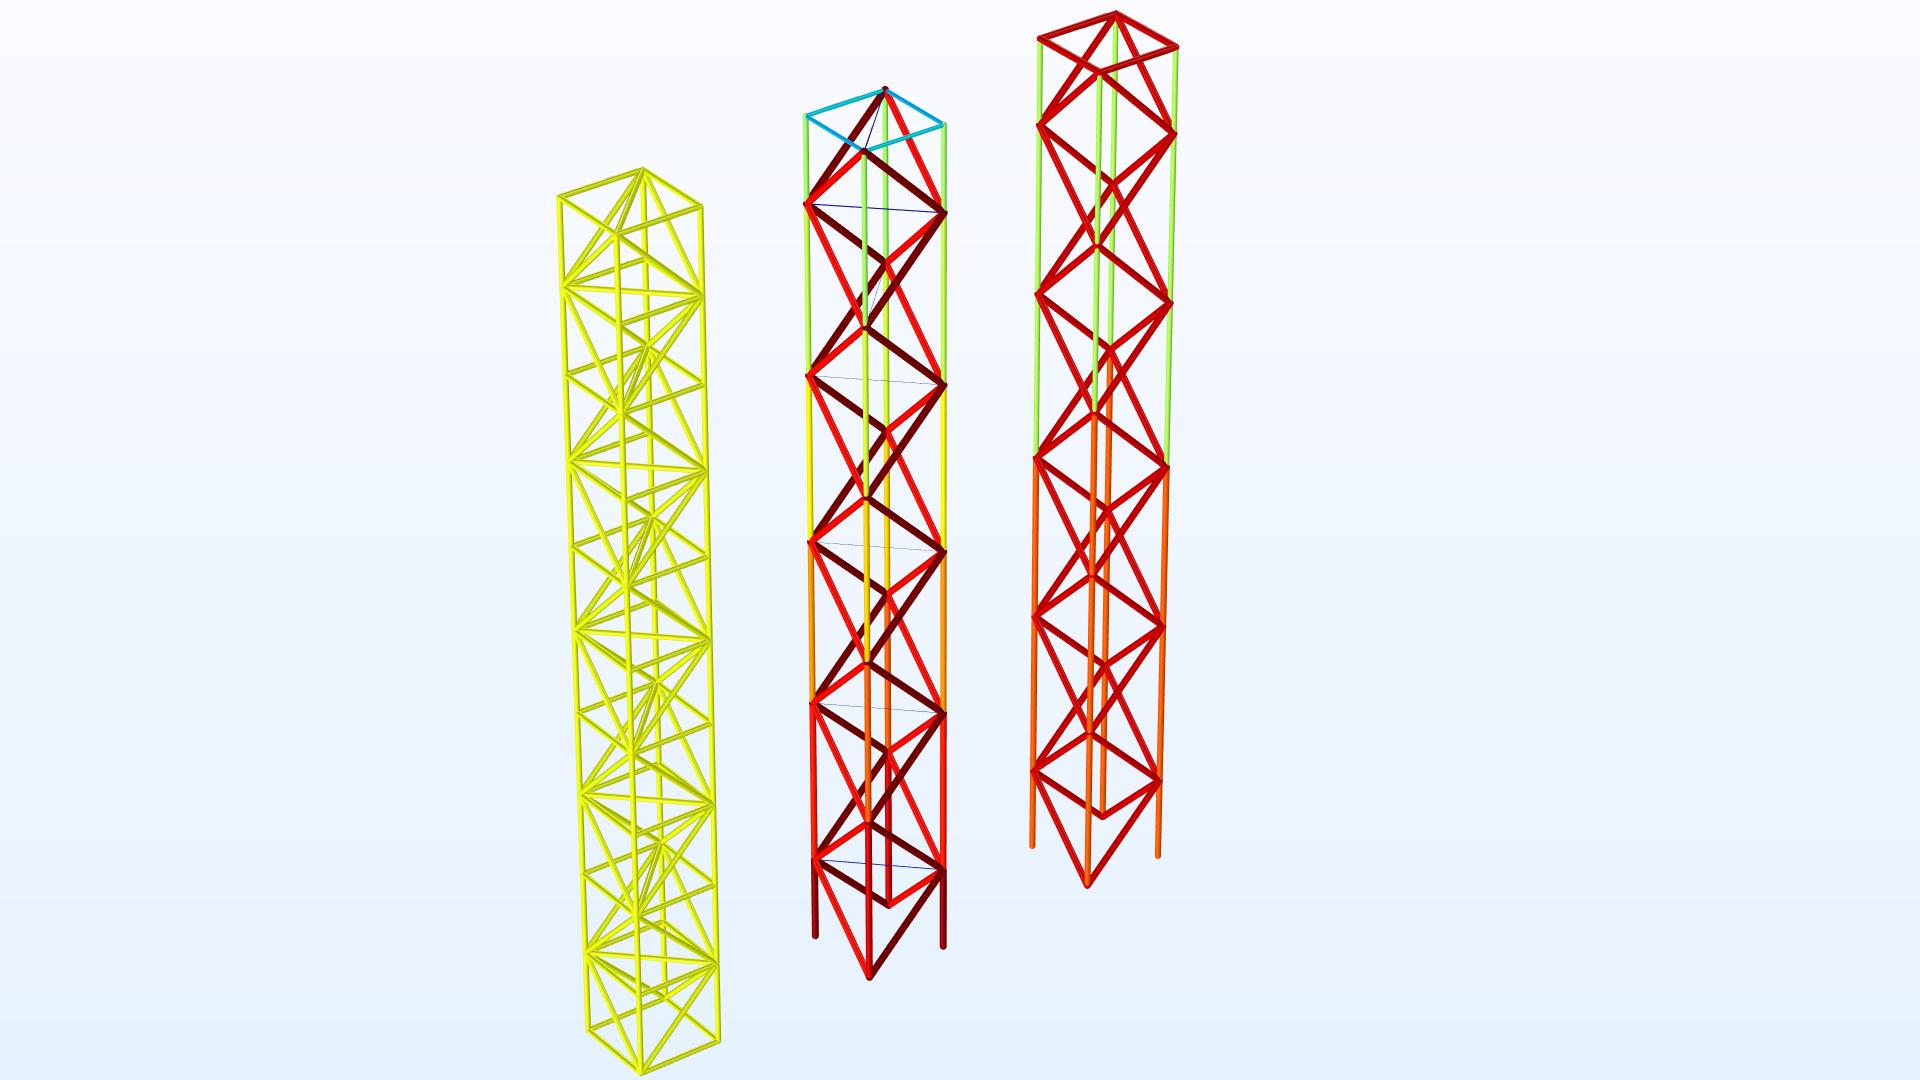 트러스 구조의 개별적 부재(部材) 지름이 질량 추가 없이 구조물이 뻣뻣해지도록 최적화 됩니다. 모델은 3가지 부재 종류를 사용하여 타워를 건설할 수 있도록 최적화된 설계를 어떻게 수정하는지를 설명합니다.